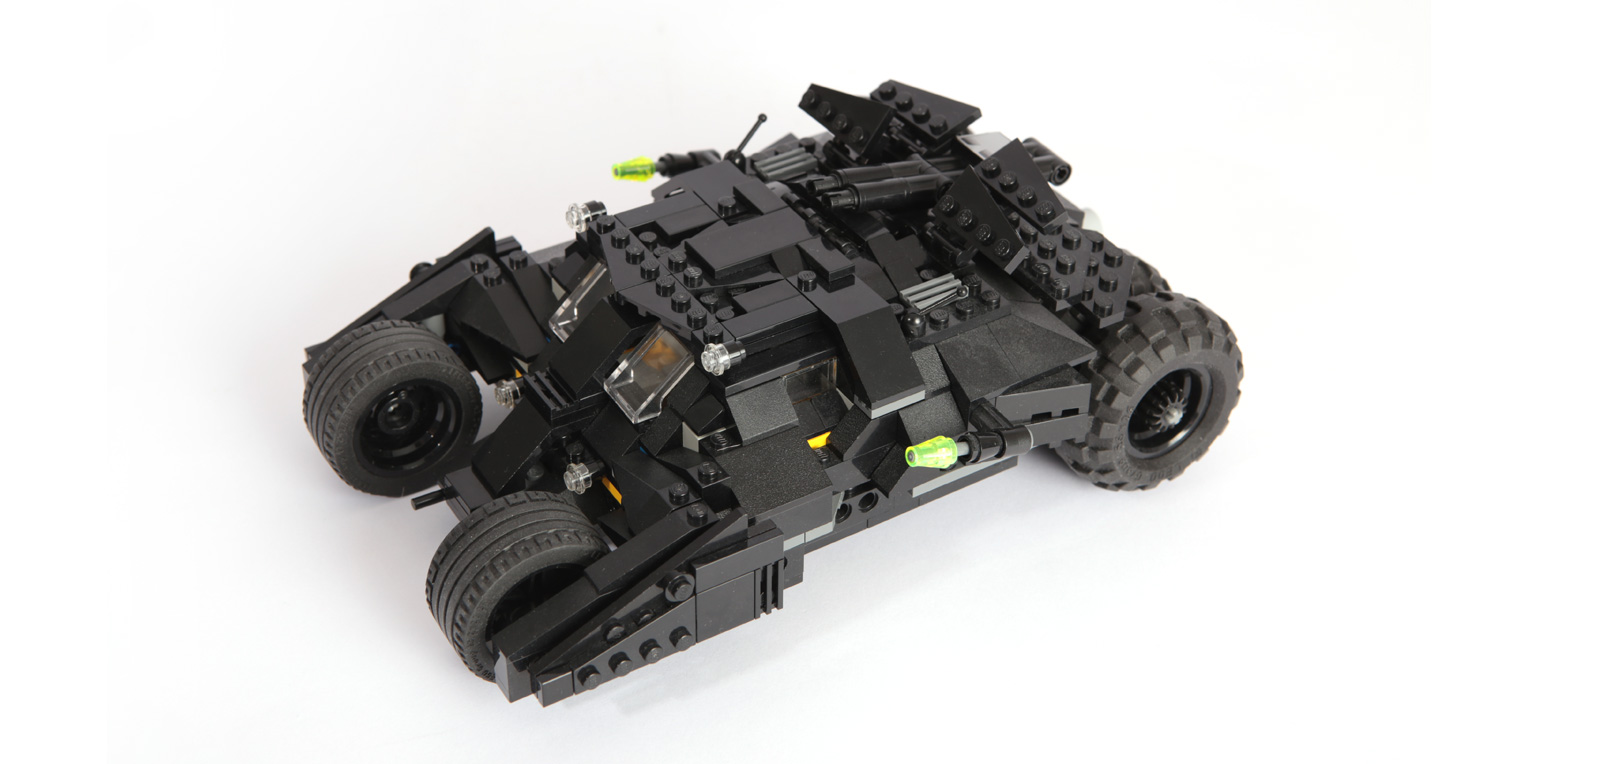 lego-batman-tumbler-2